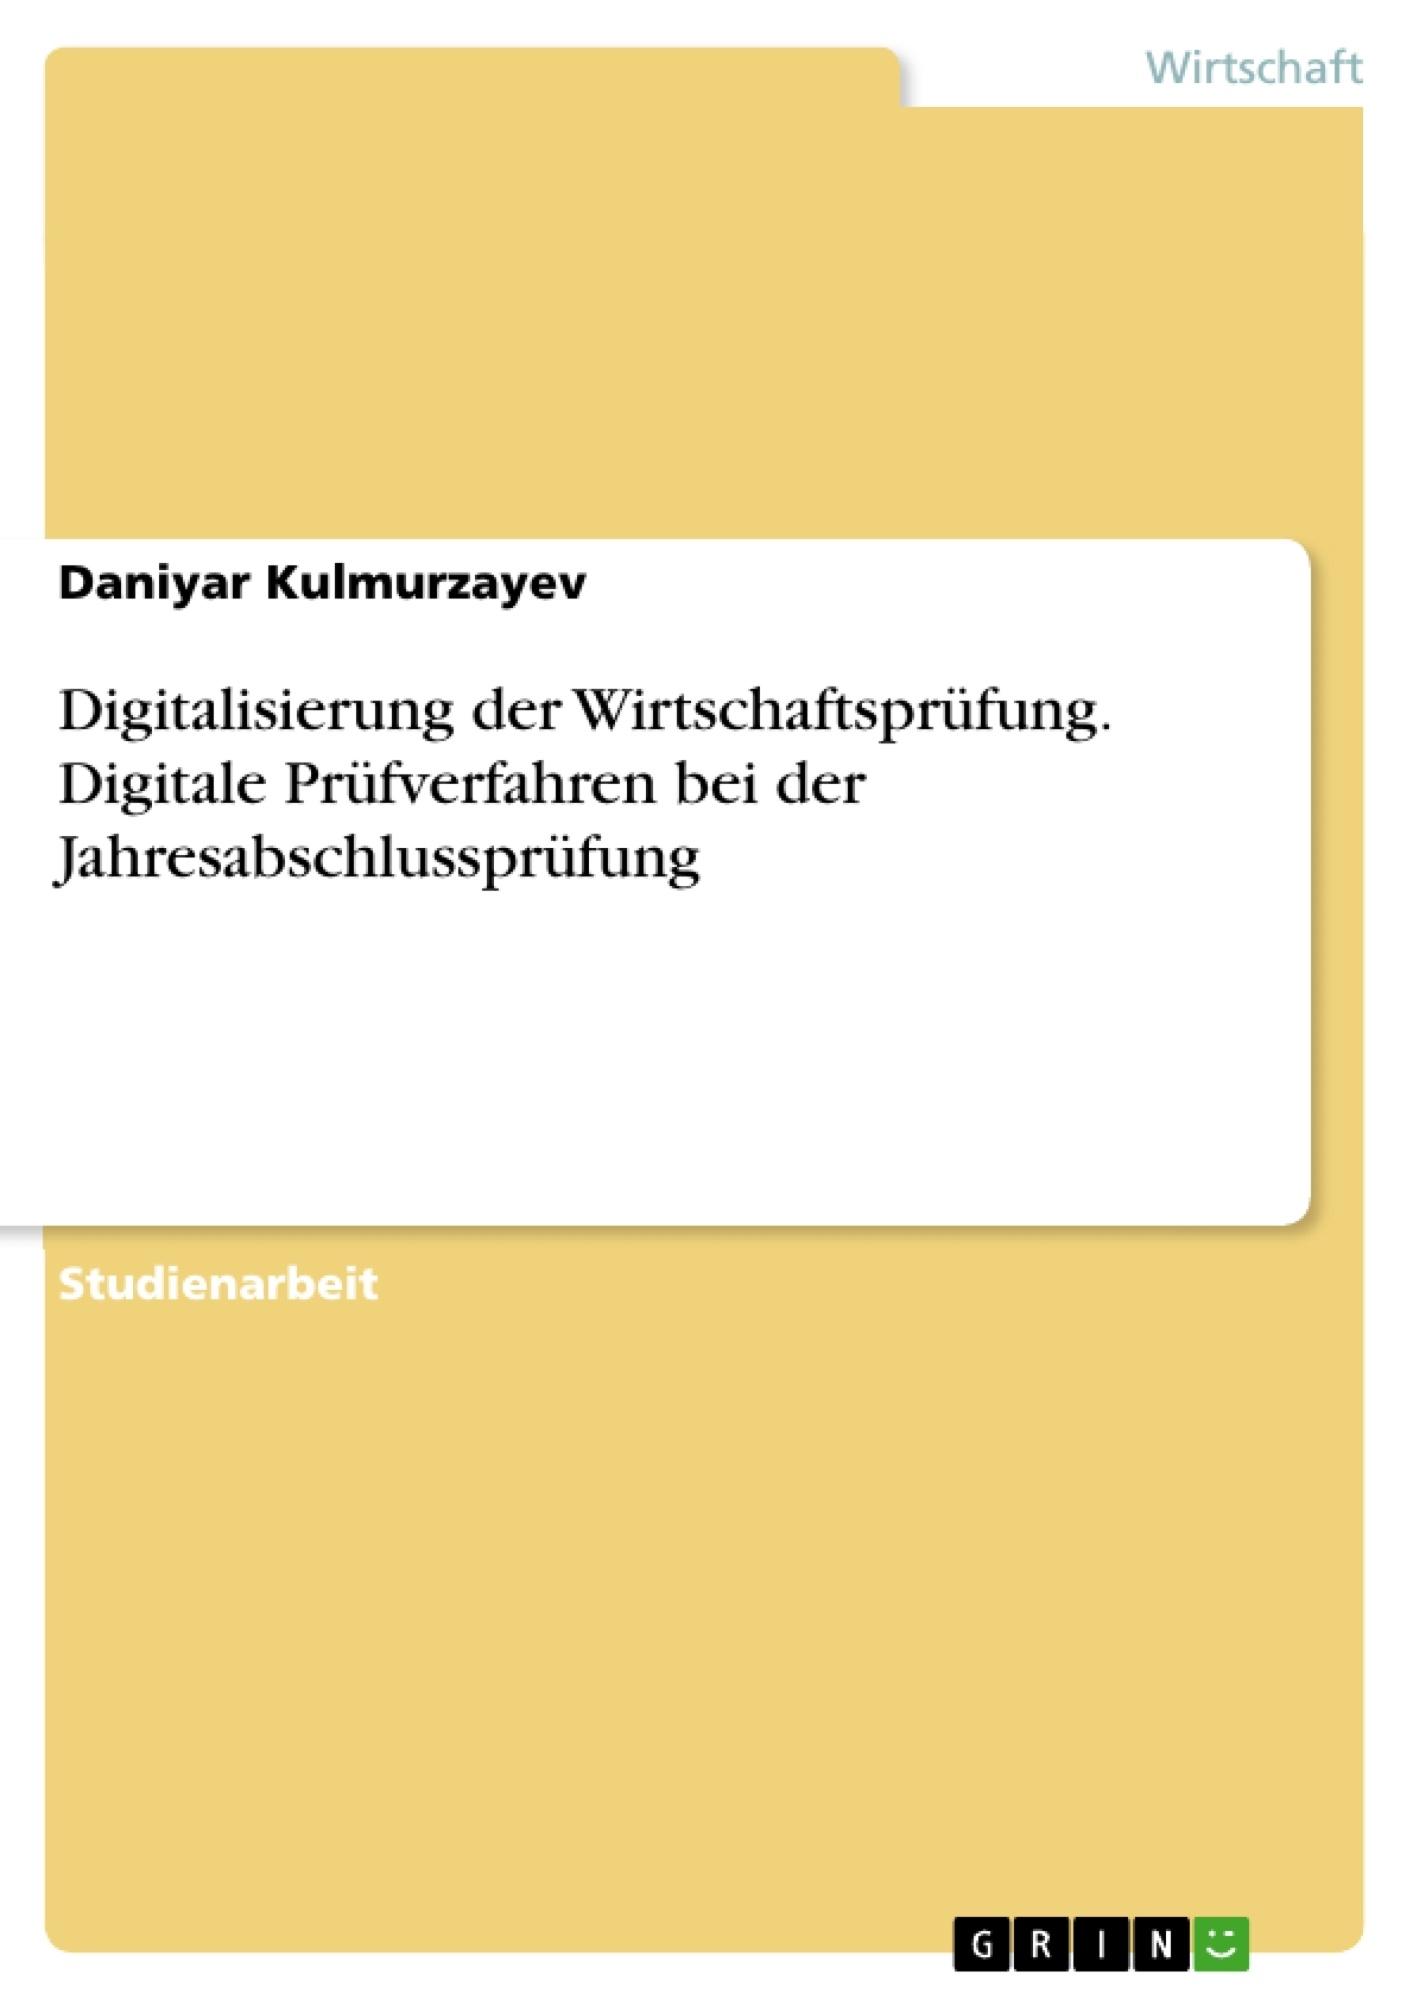 Titel: Digitalisierung der Wirtschaftsprüfung. Digitale Prüfverfahren bei der Jahresabschlussprüfung